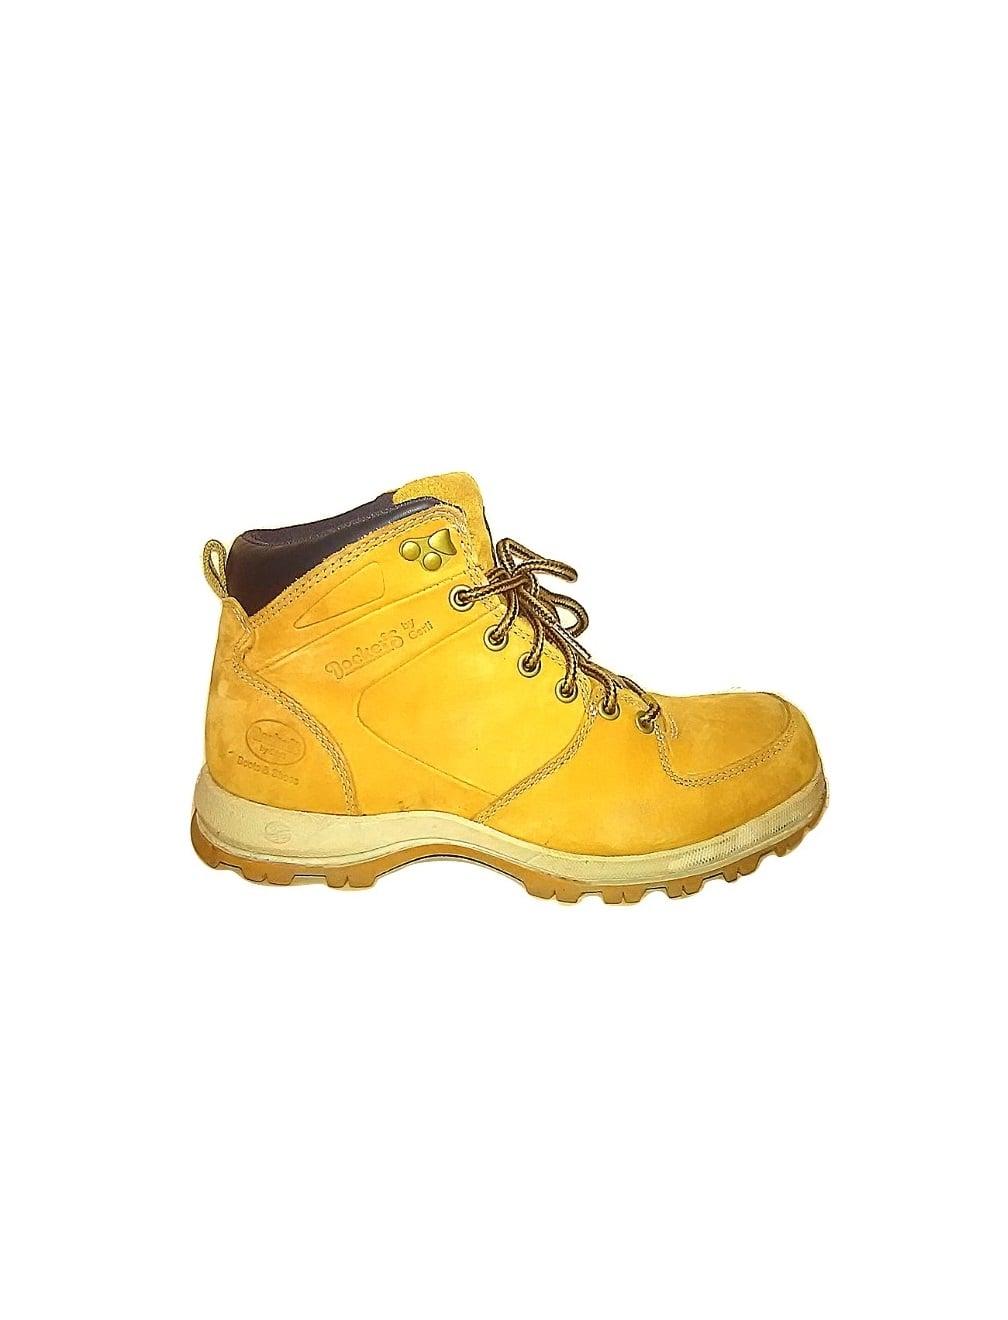 Smėlio spalvos rudi zomšiniai batai, DOCKERS, 41 dydis